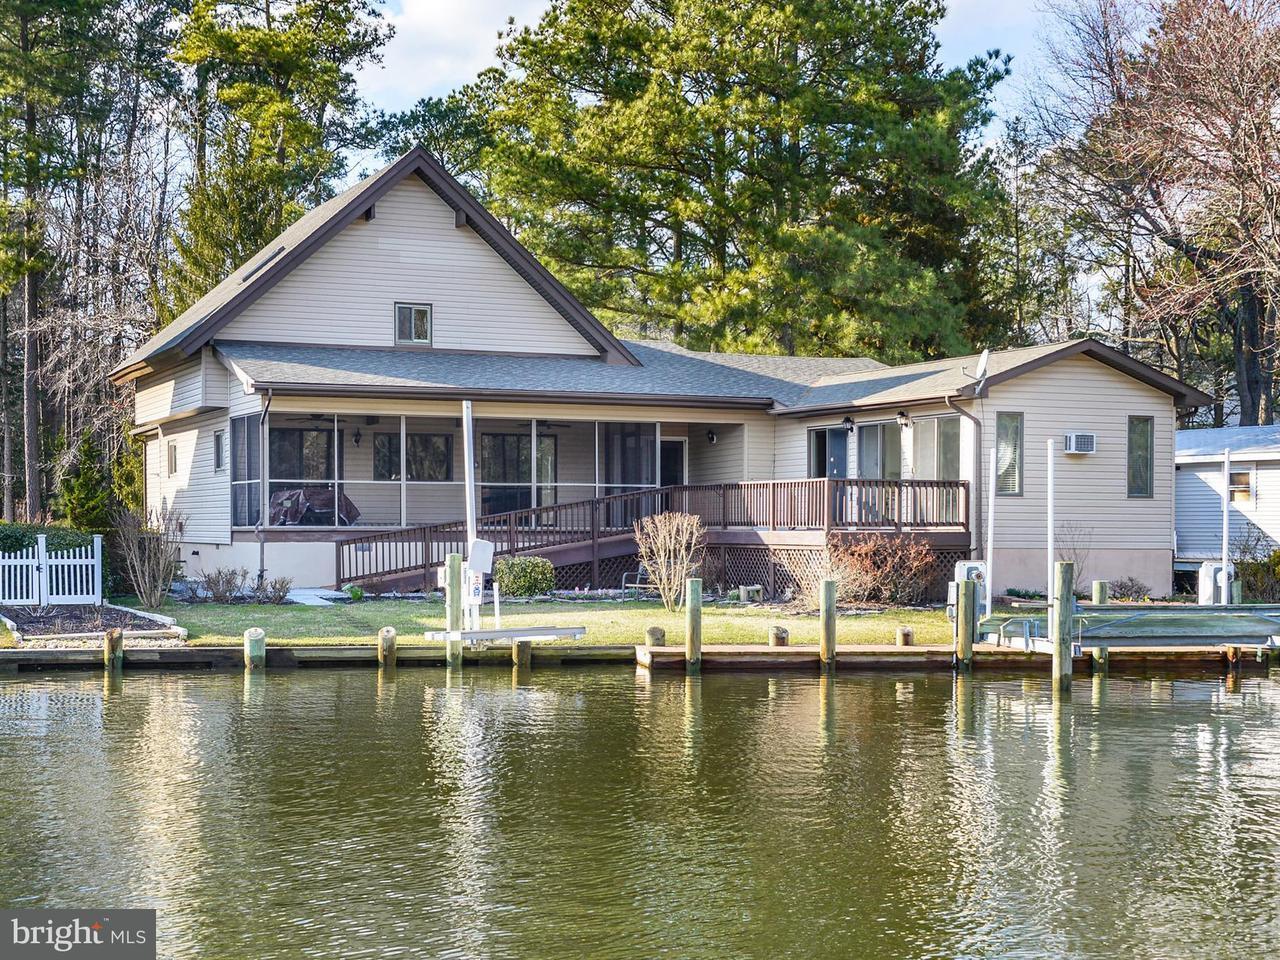 独户住宅 为 销售 在 92 Newport Drive 92 Newport Drive Ocean Pines, 马里兰州 21811 美国